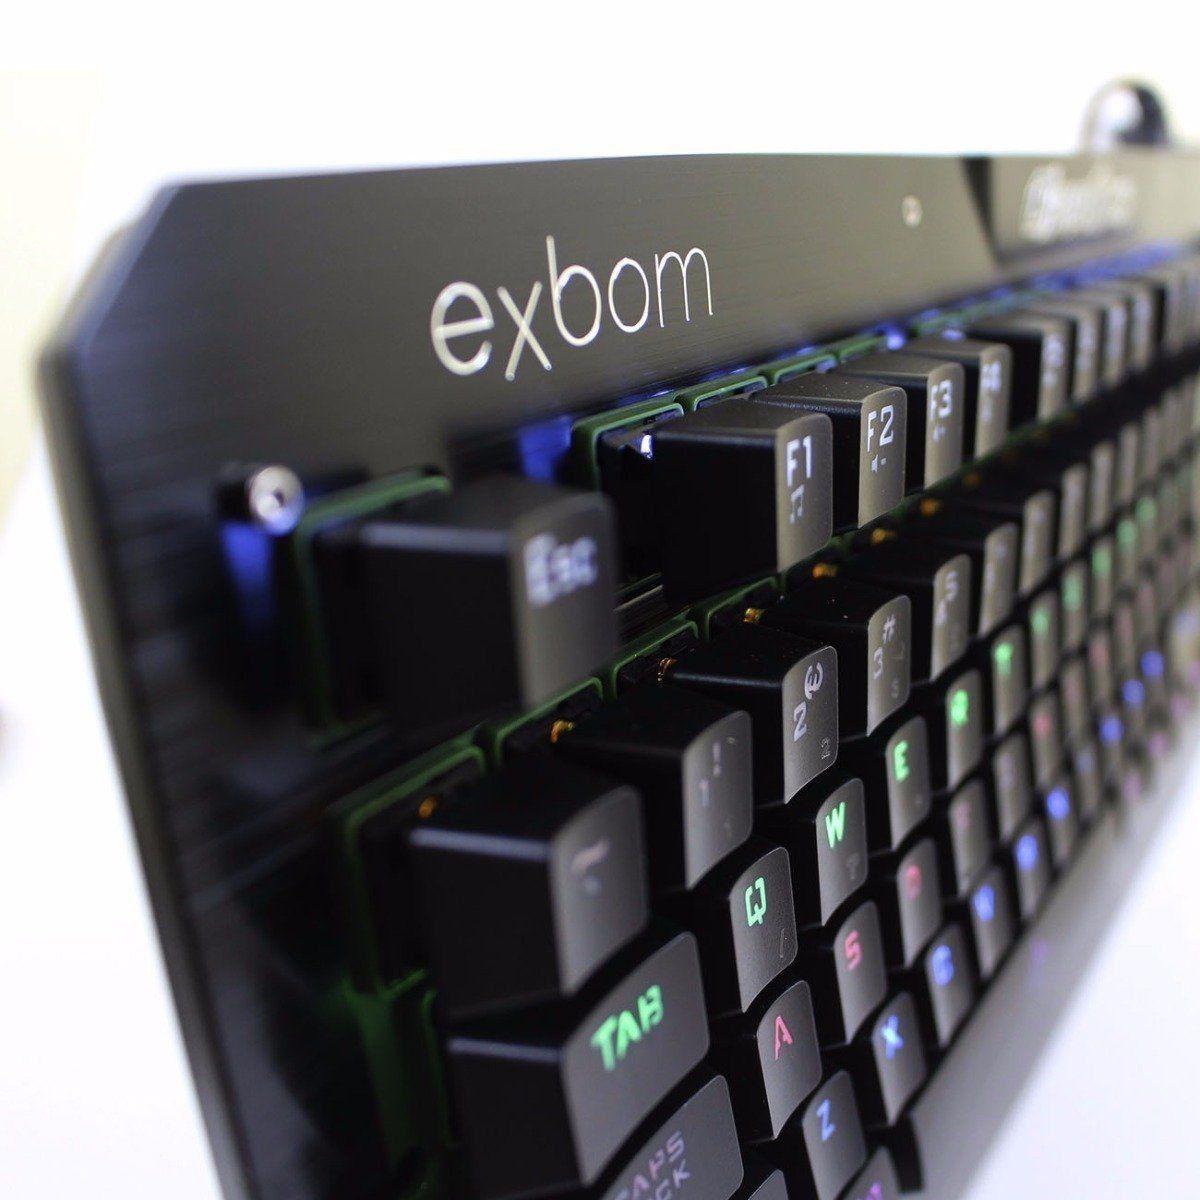 Teclado Mecânico Exbom Bk-gx1 C/ Iluminação De Led  - Mega Computadores